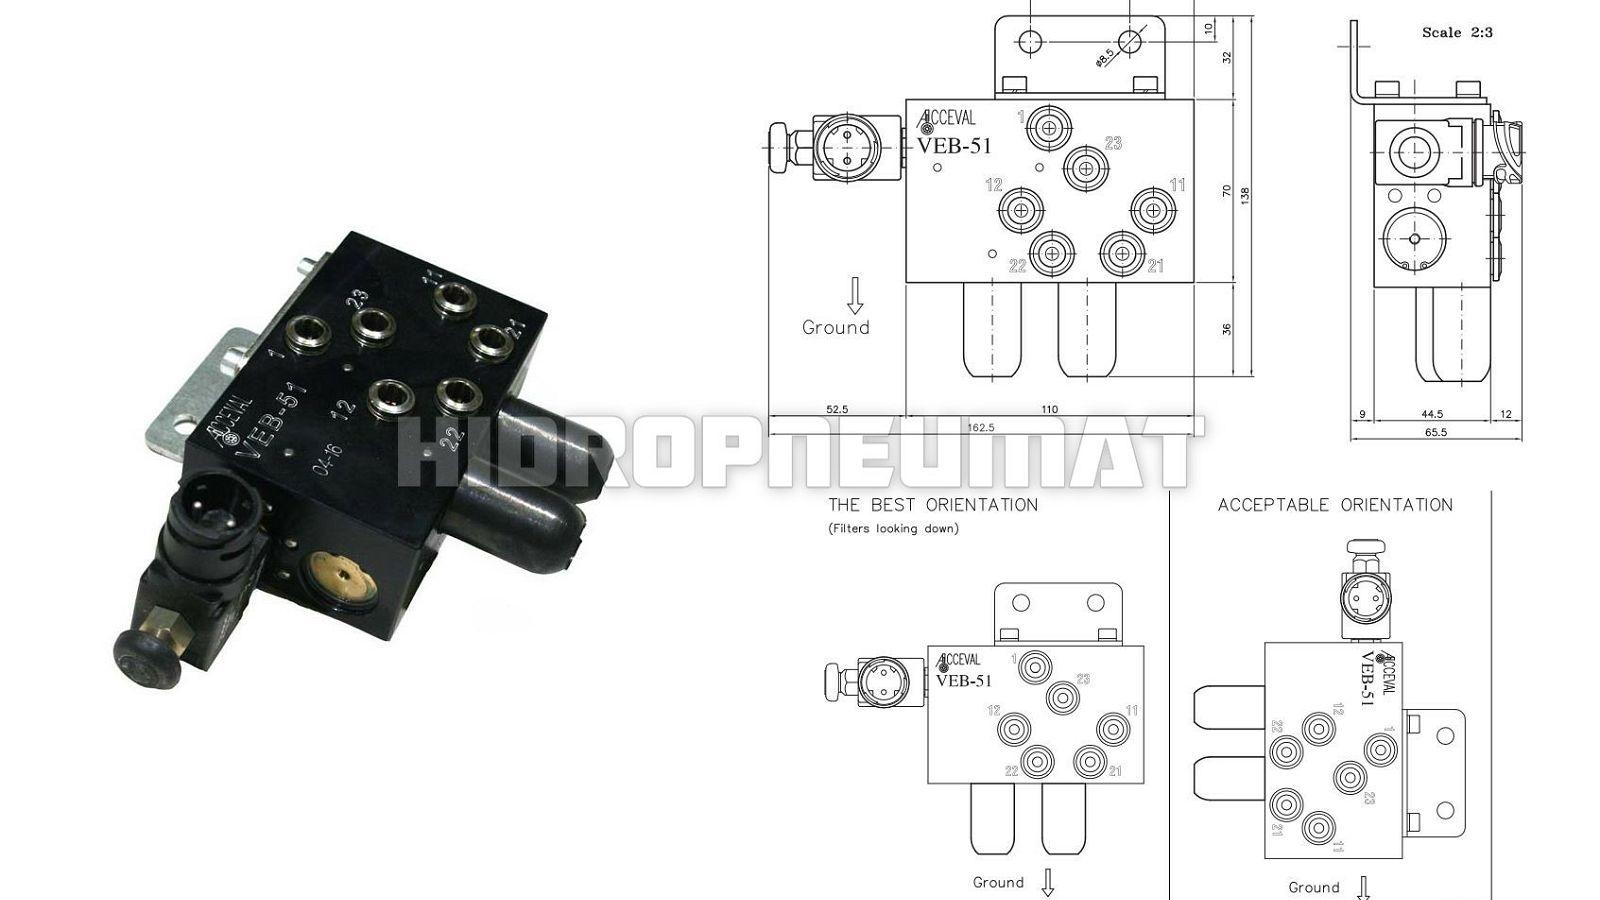 ventil-podizne-osovine-acceval-125011_1.jpg